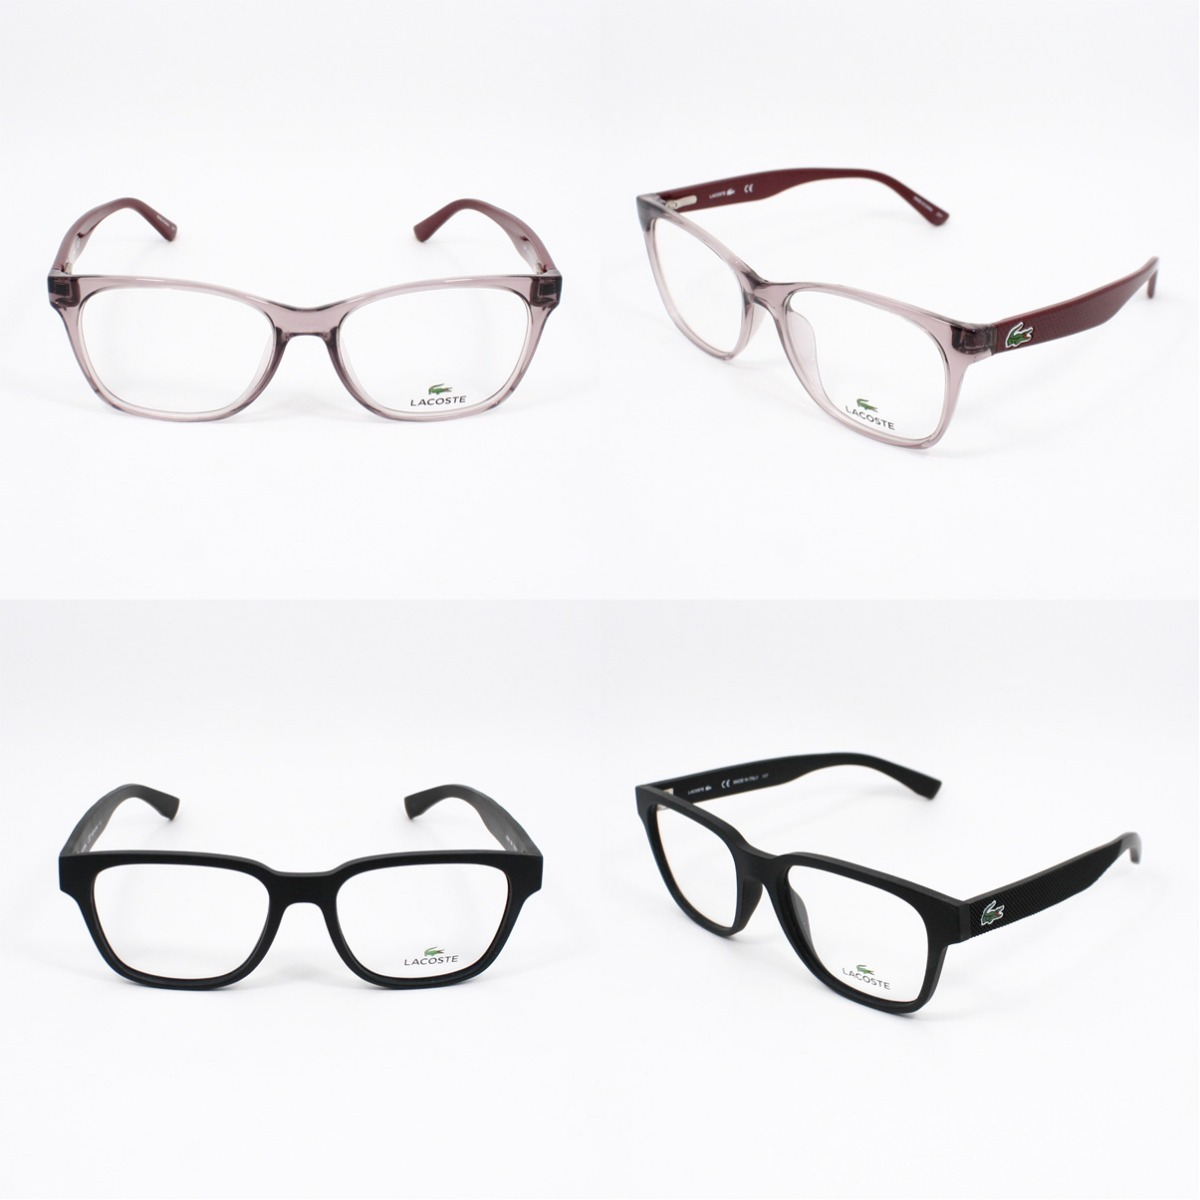 3538f13c38e3d Lote 23 Armações Óculos Lacoste Receituário - Original - R  6.219